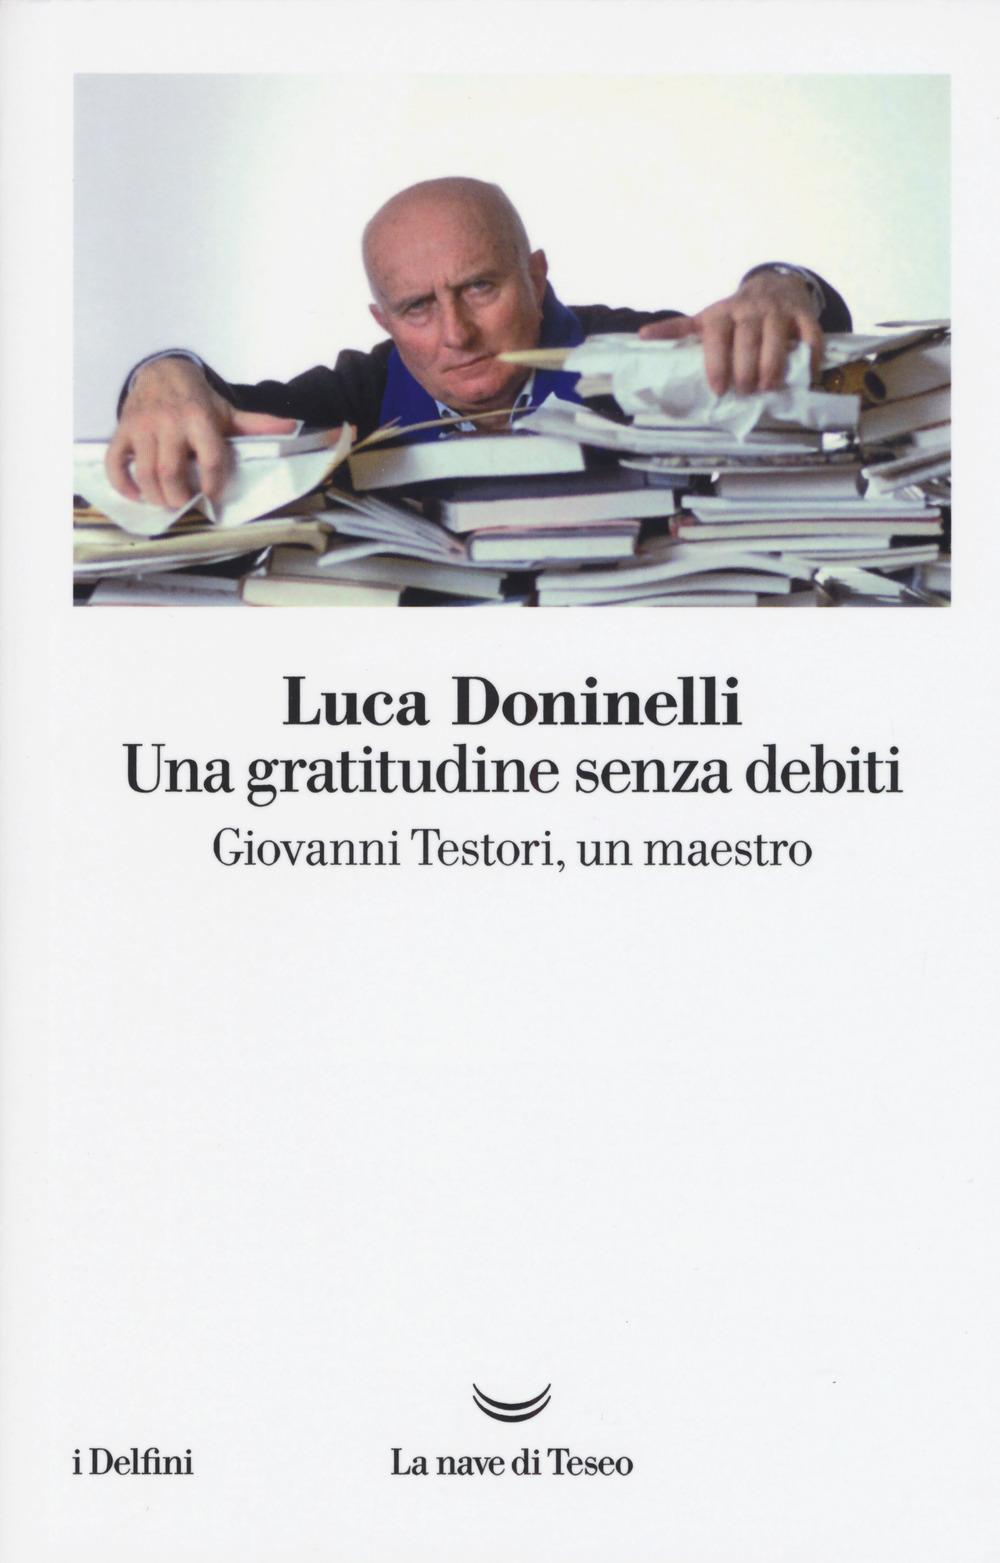 Copertina del volume di Luca Doninelli, Una gratitudine senza debiti. Giovanni Testori, un maestro